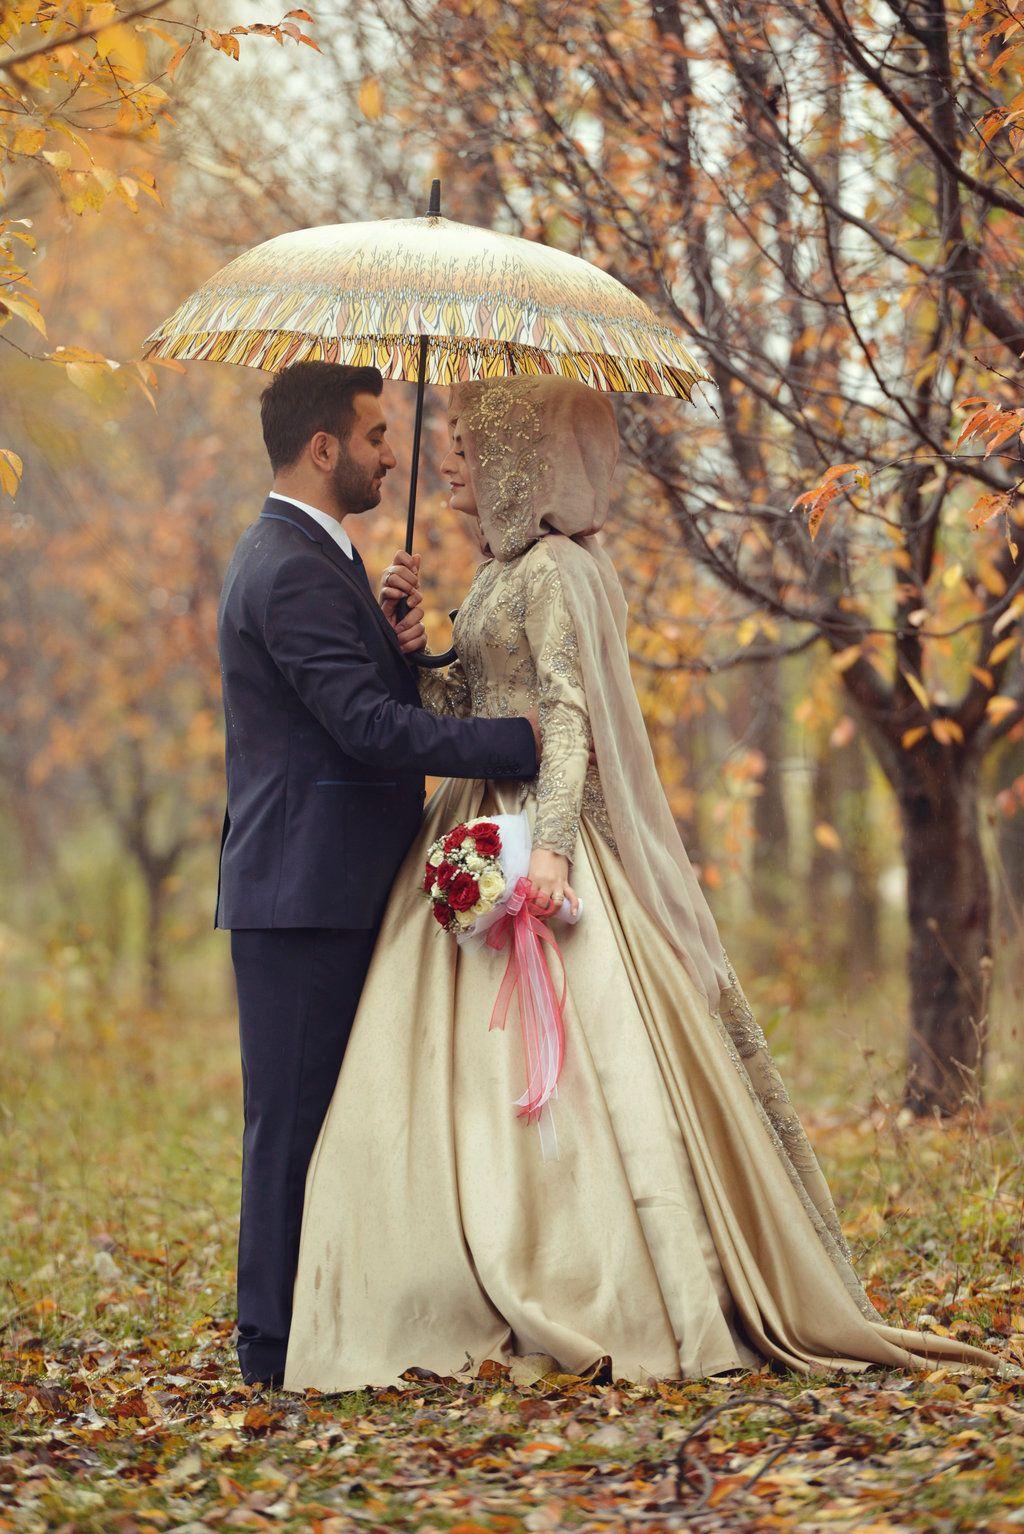 Autumn wedding by happydayssviantart on deviantart hijab